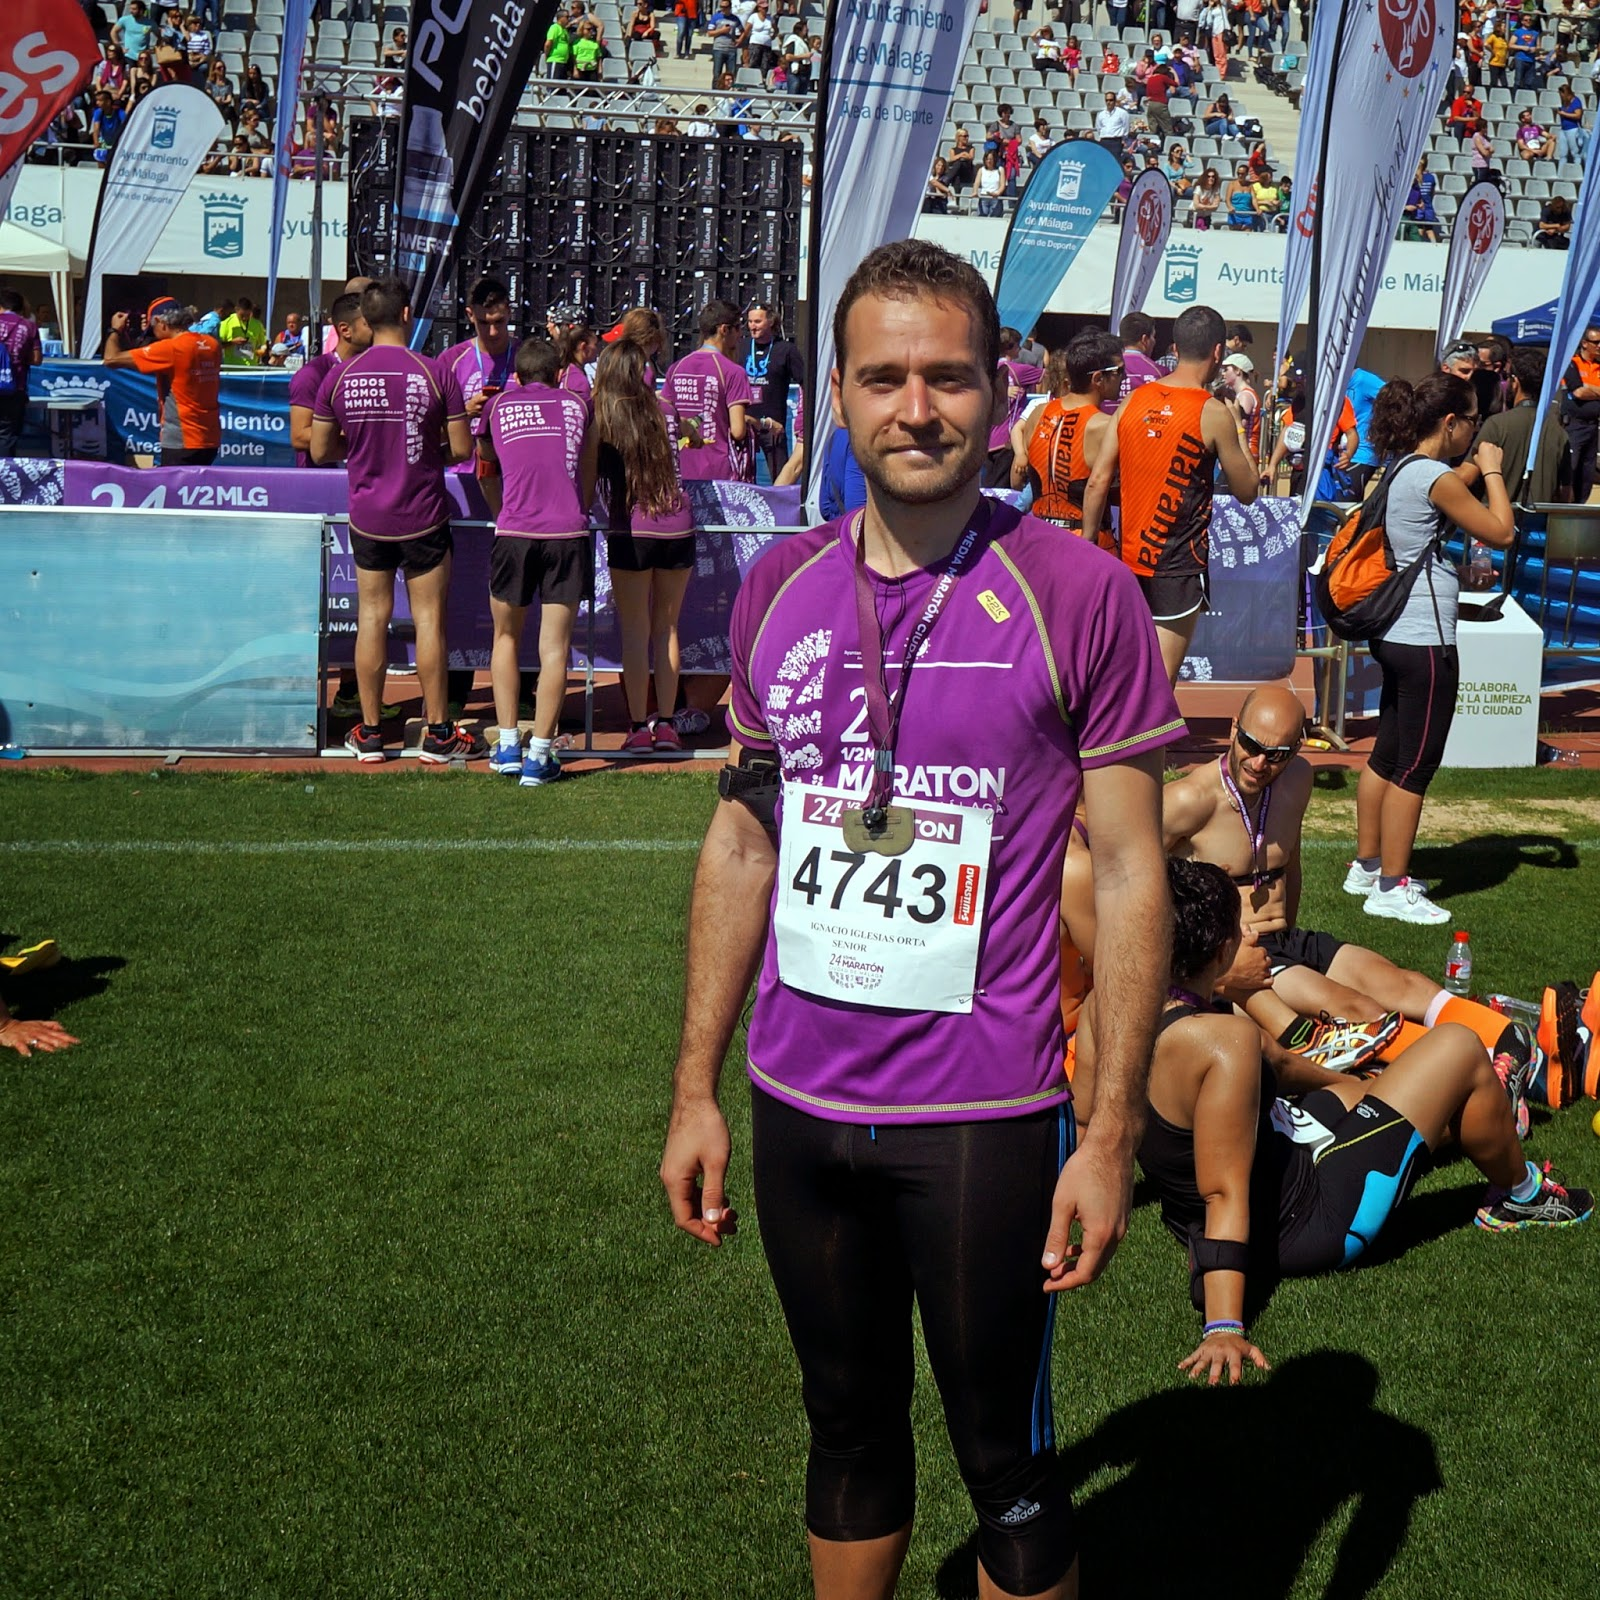 24 Media Maraton Málaga. ¡Por fin hago una media!